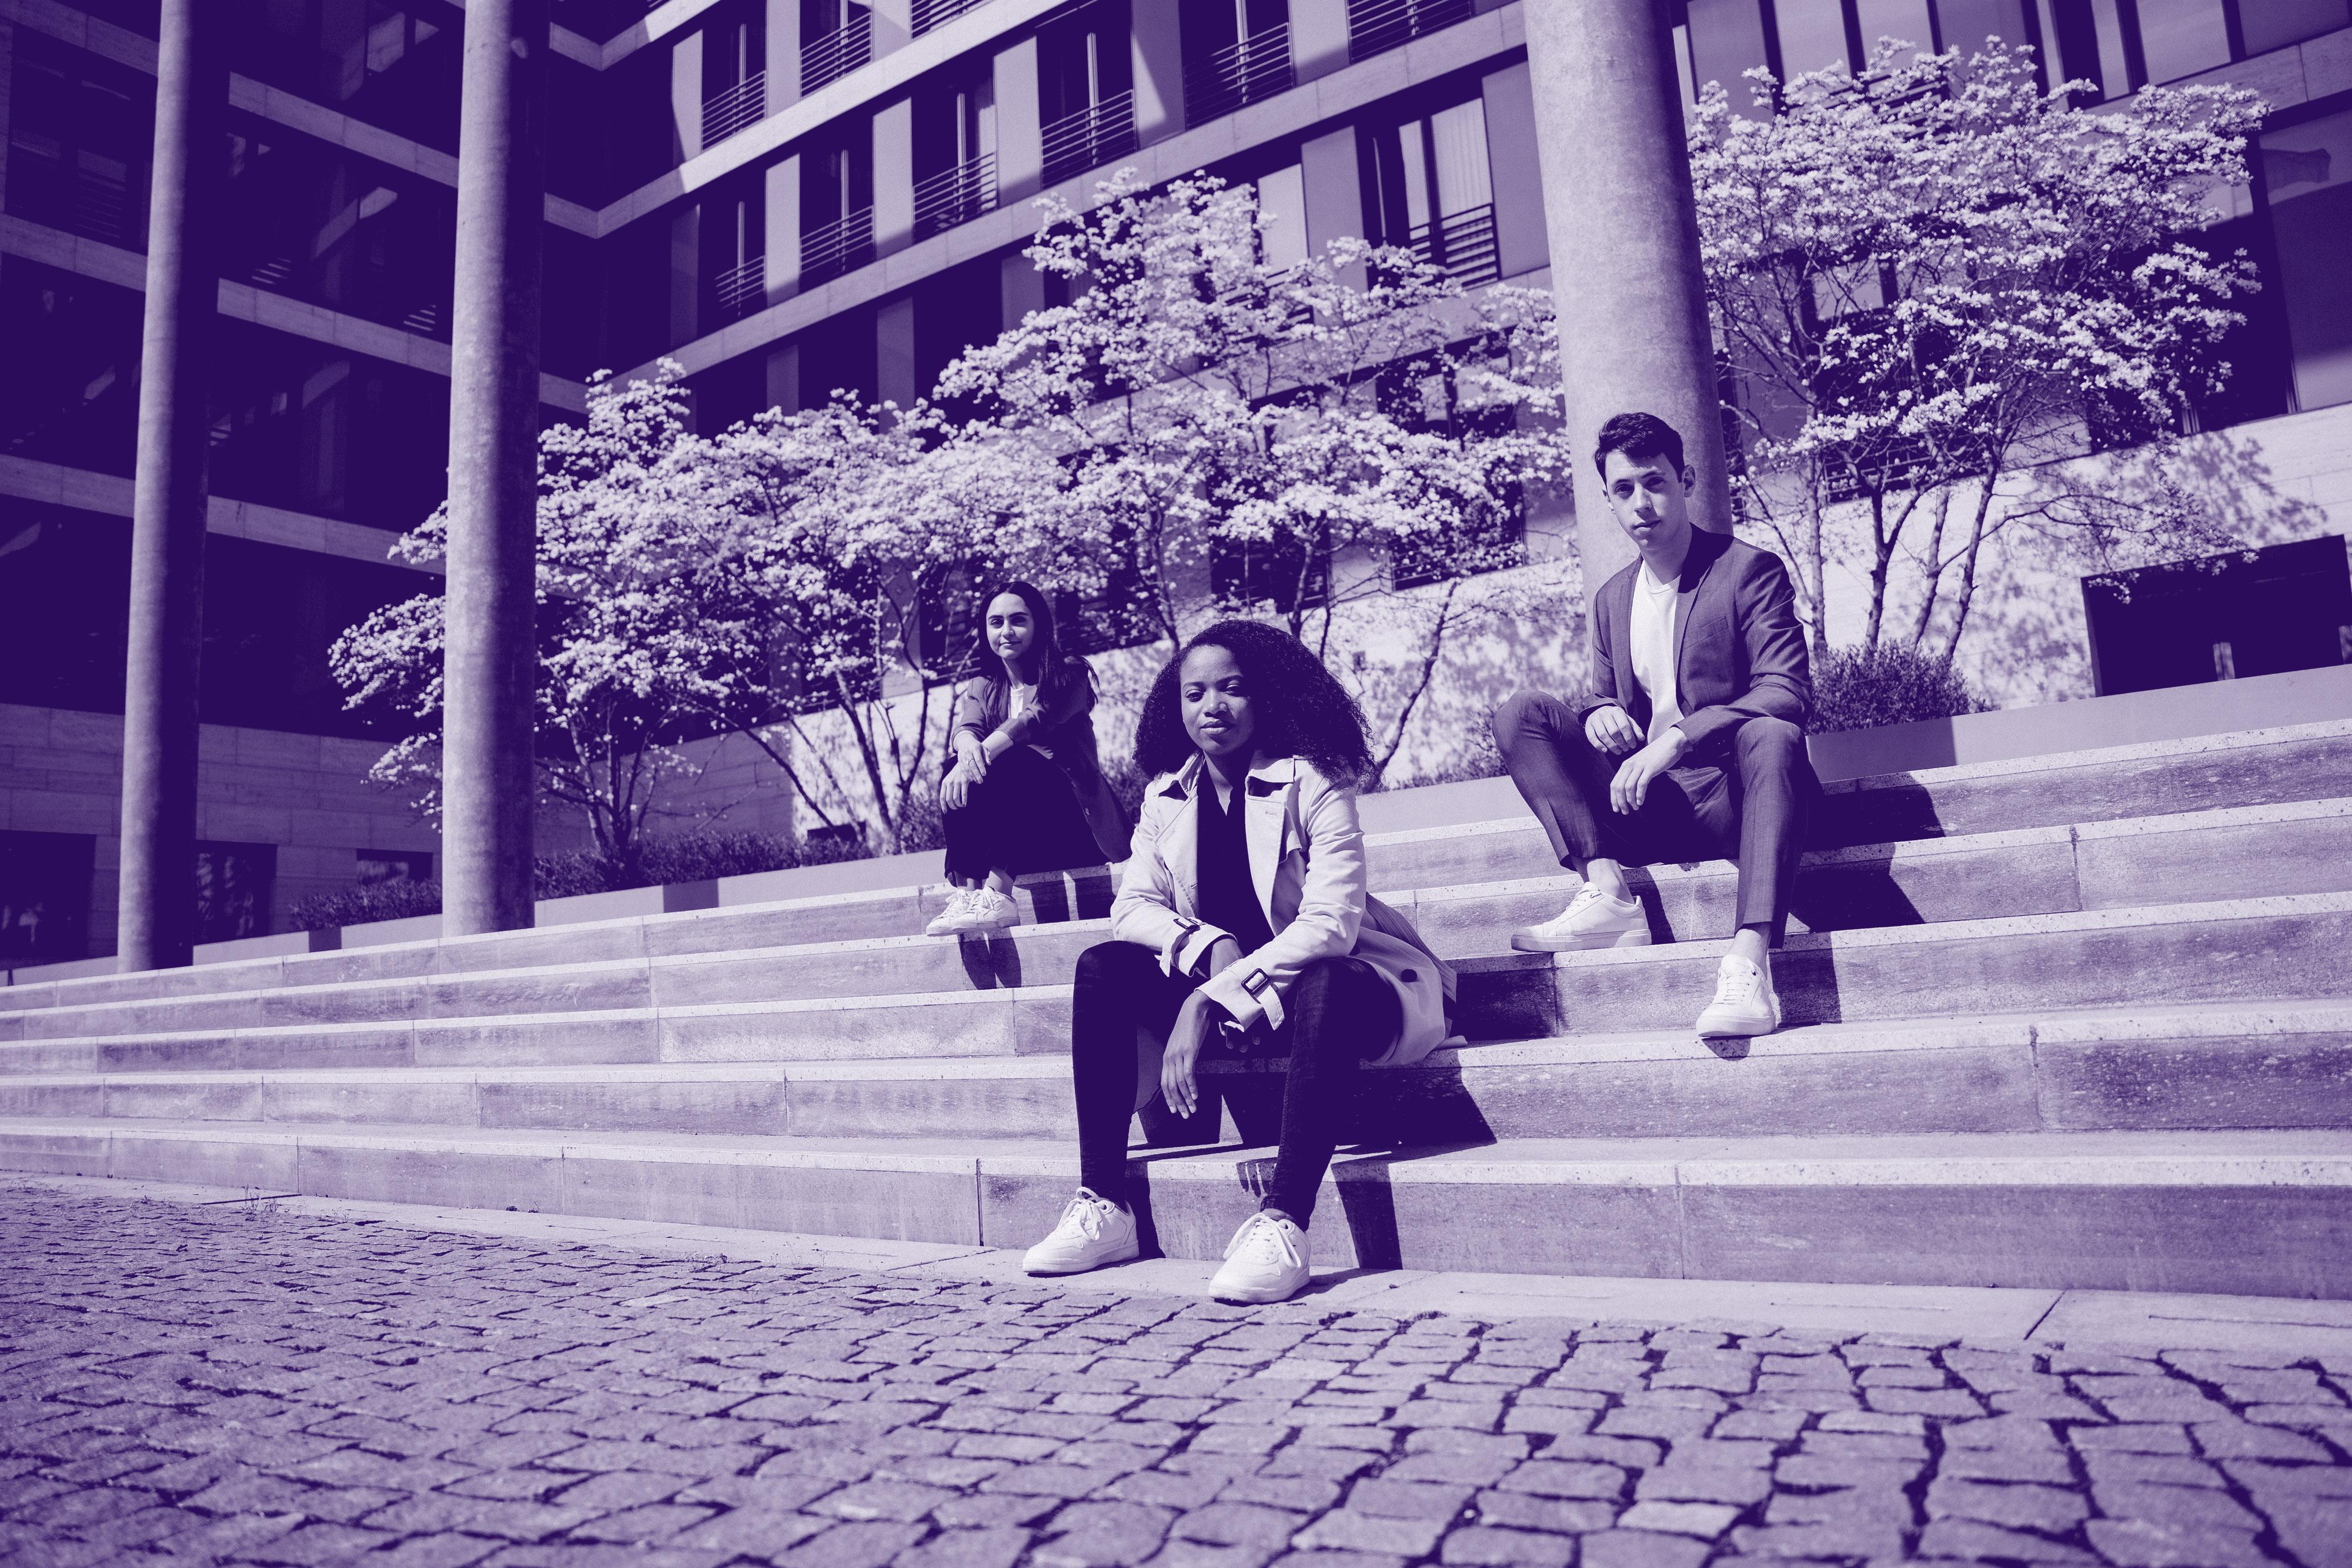 Drei junge Menschen sitzen auf Treppenstufen